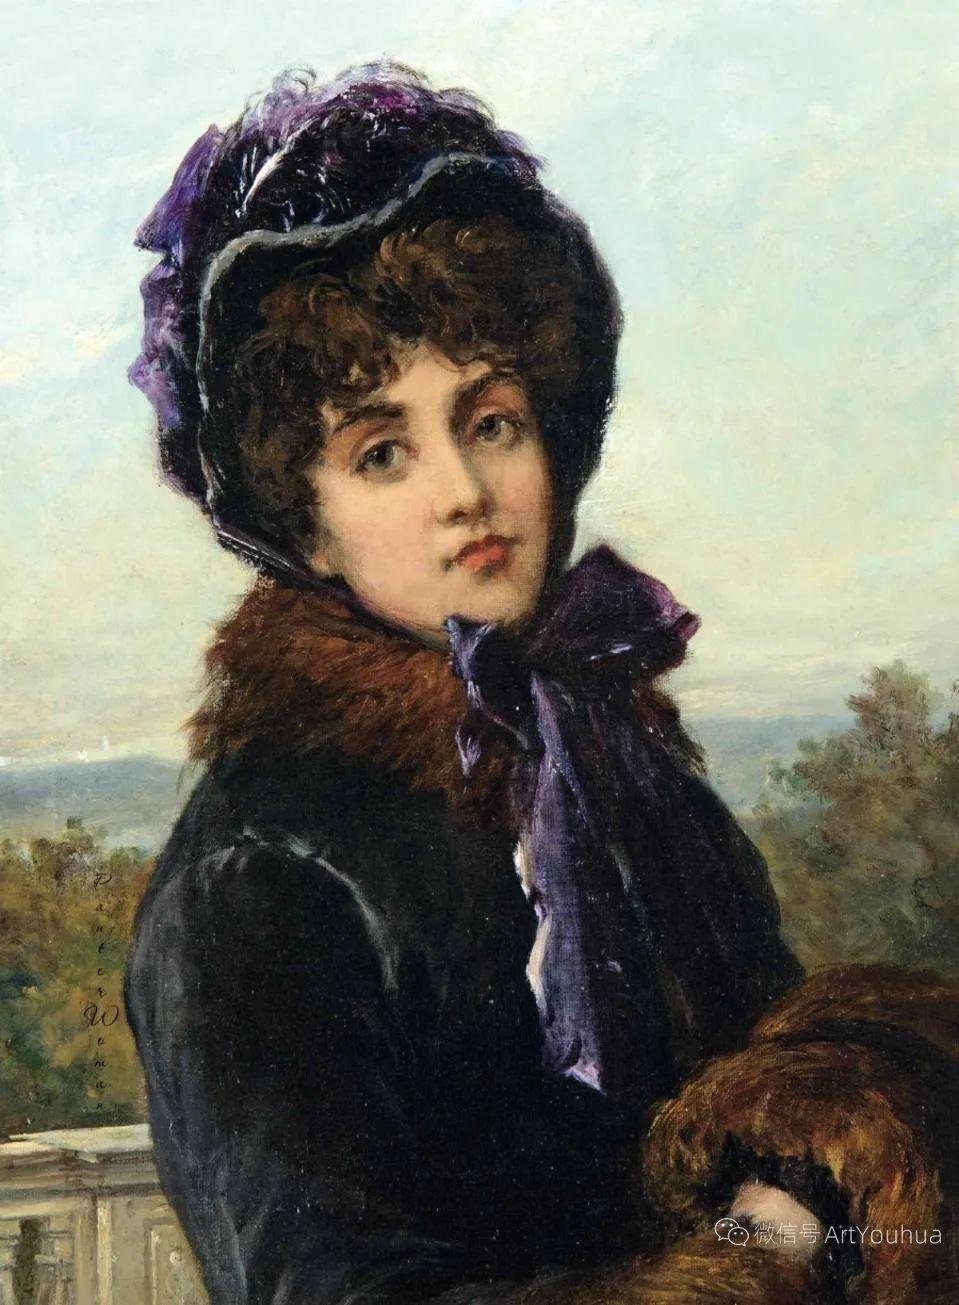 纯情与美丽,英国画家威廉·奥利弗作品选插图75